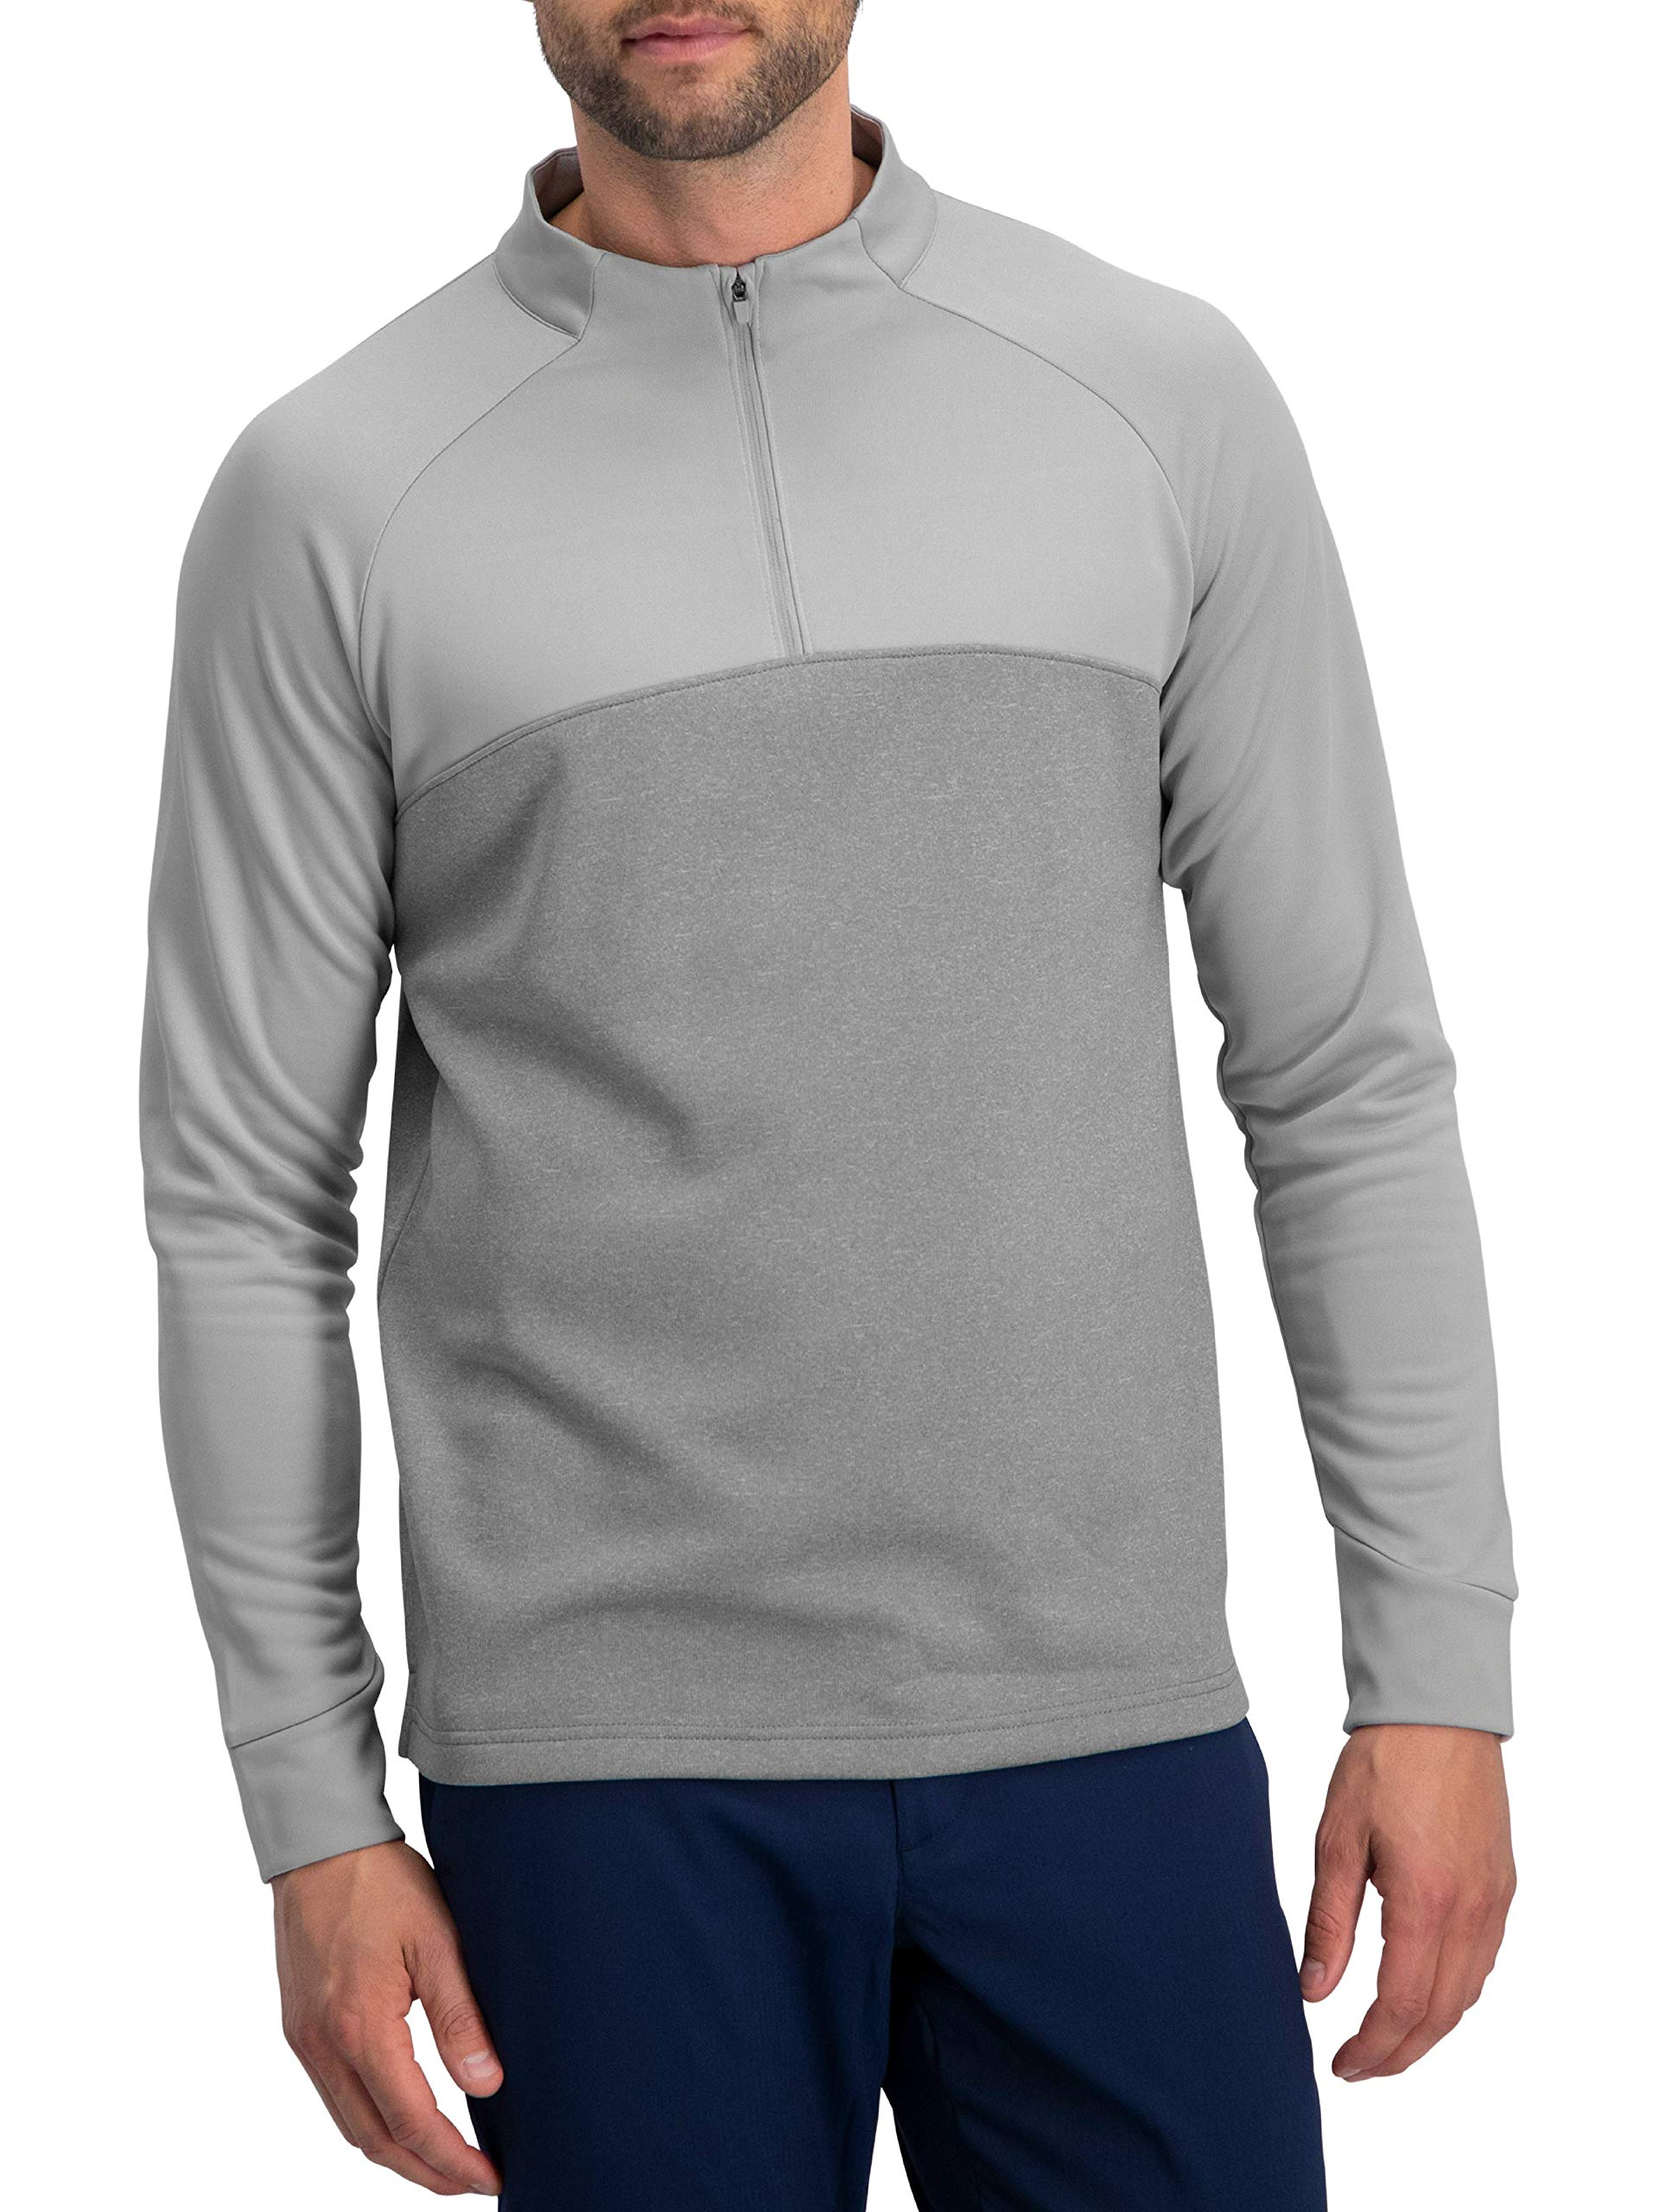 Golf Half Zip Pullover Men - Lightweight Fleece Sweater Jacket, Dry Fit Golf Shirt